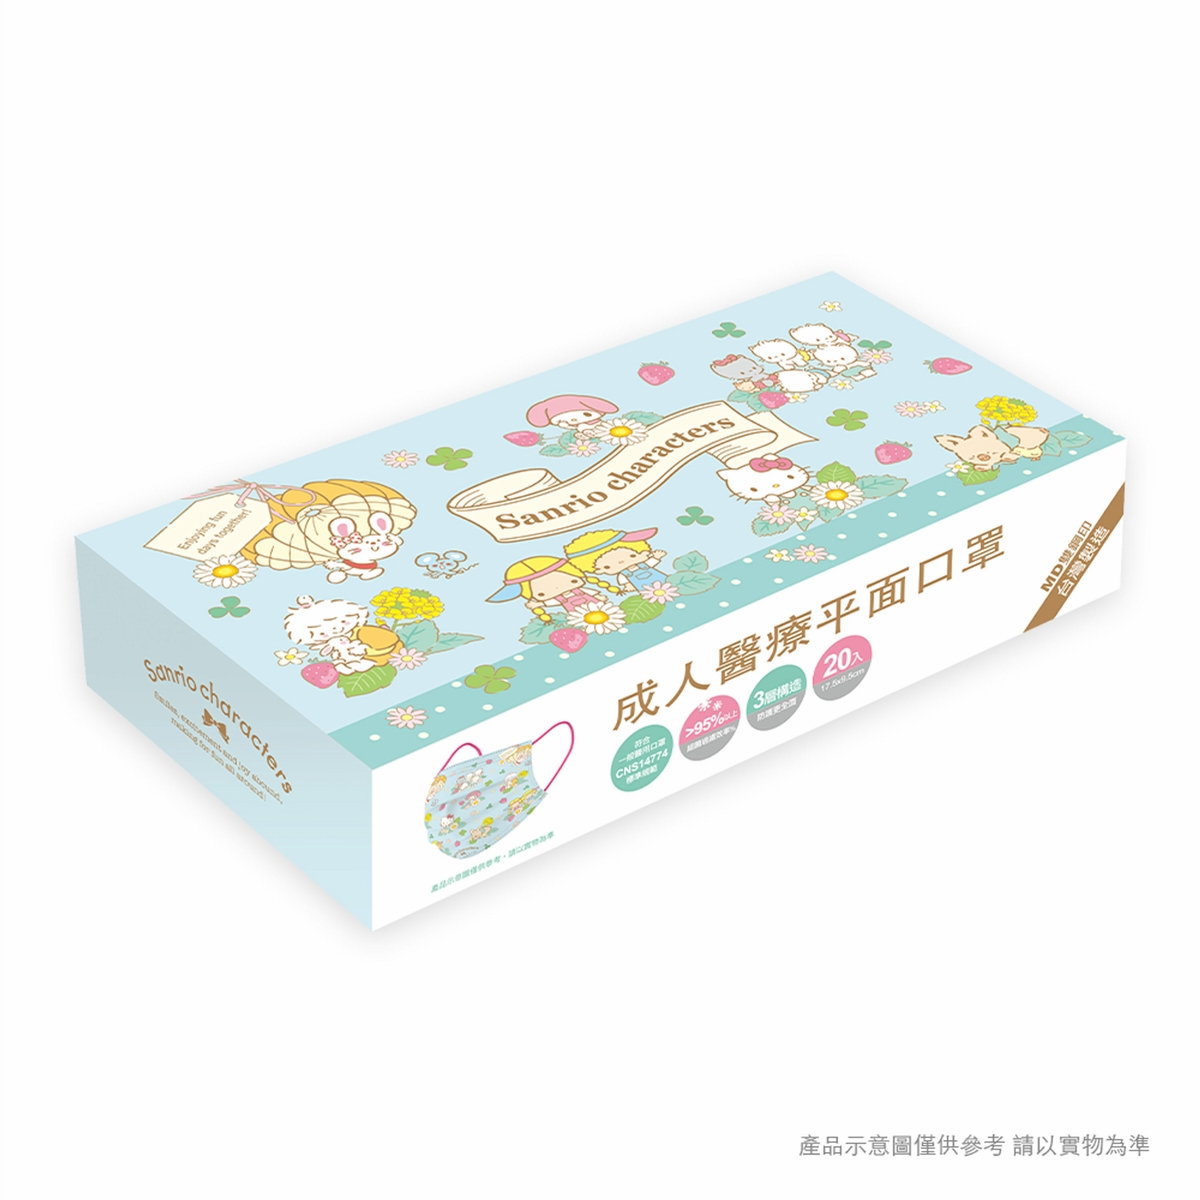 「三麗鷗系列醫療口罩」可愛爆表! 愛心Hello Kitty、星海雙子星、兒童蛋黃哥口罩必買!